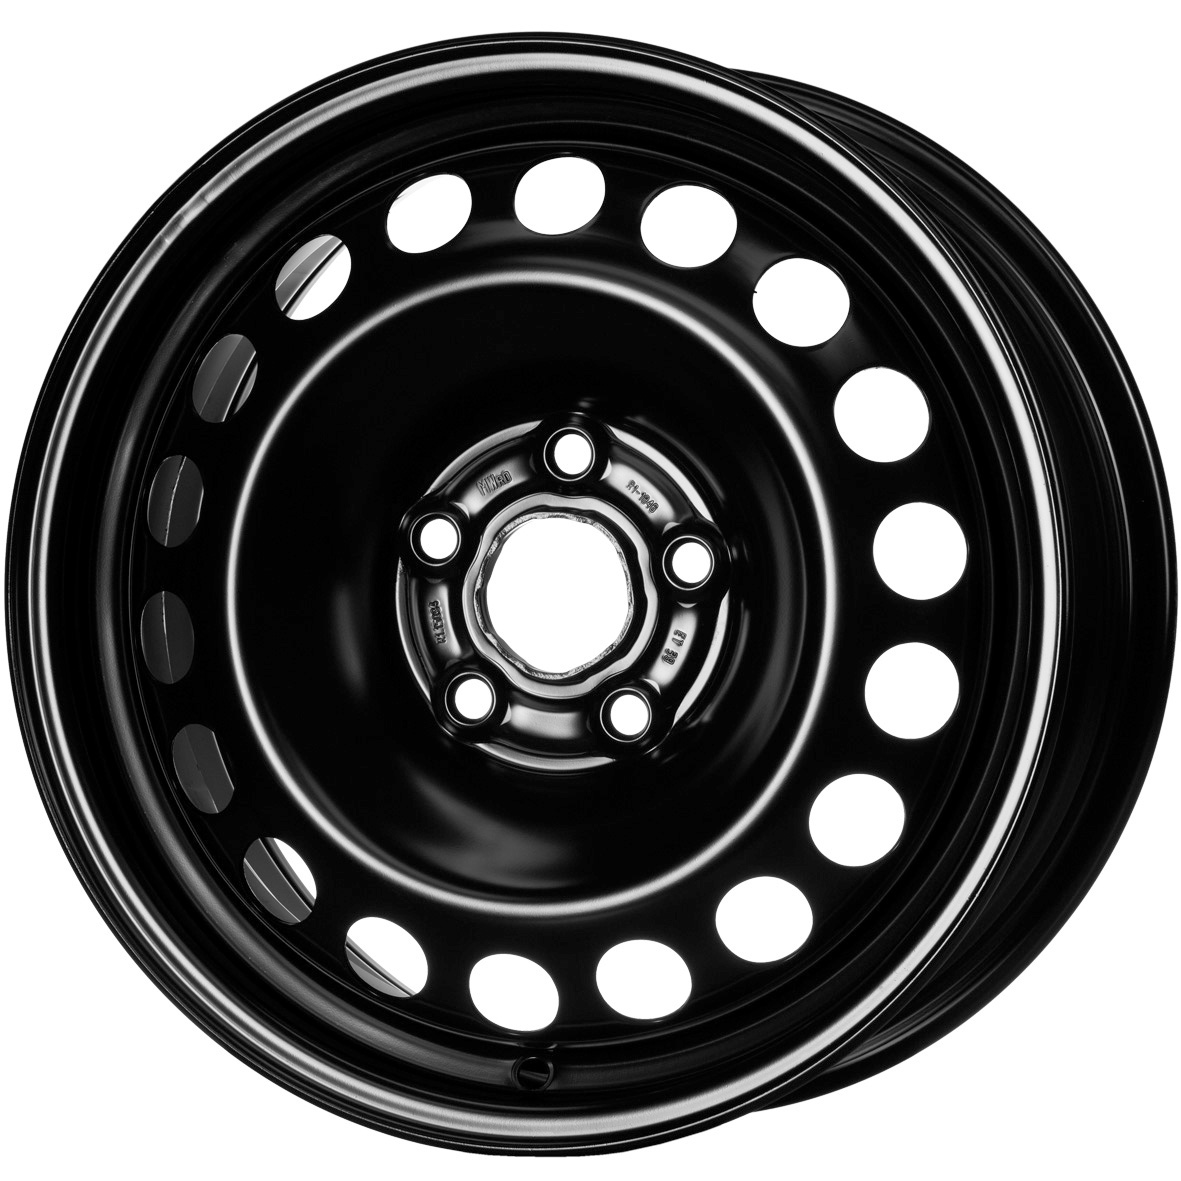 Vorschau: 15″ Stahlrad Sommer für Chevrolet Aveo 1.3 D (KL1T) Kumho VS31 195/65 R15 91H